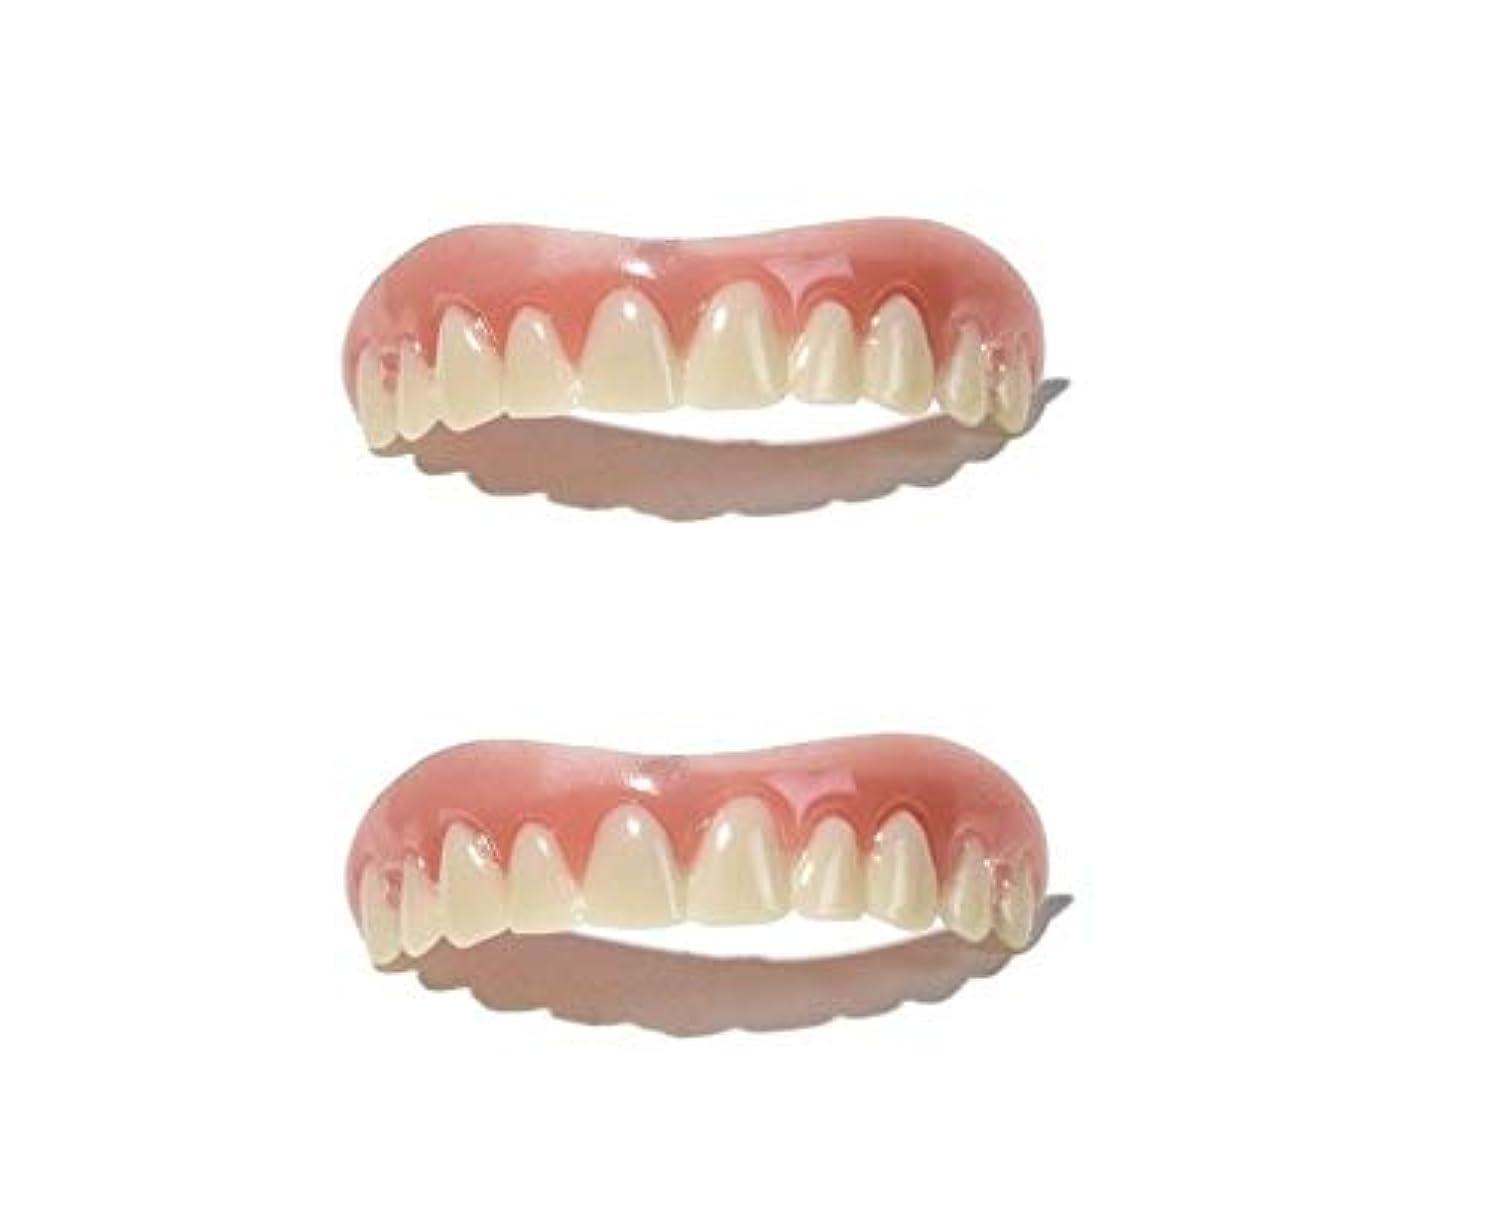 読みやすさパプアニューギニア出しますインスタント 美容 入れ歯 上歯 2個セット (free size (Medium)